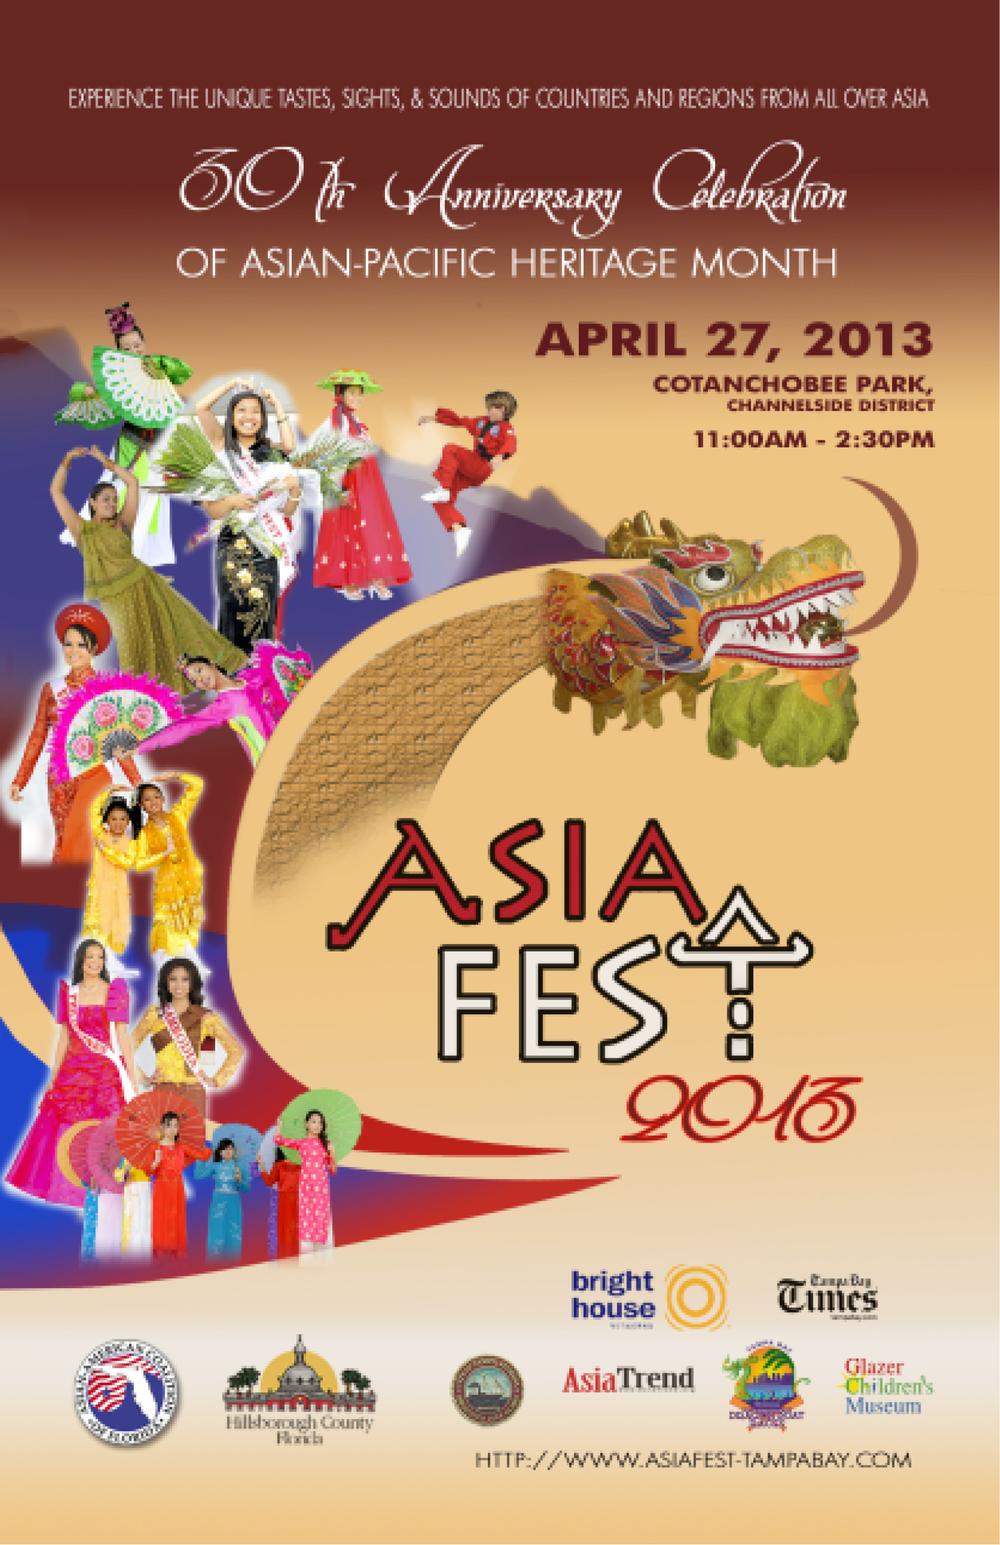 AsiaFest_Souvenir_2013-1.jpg